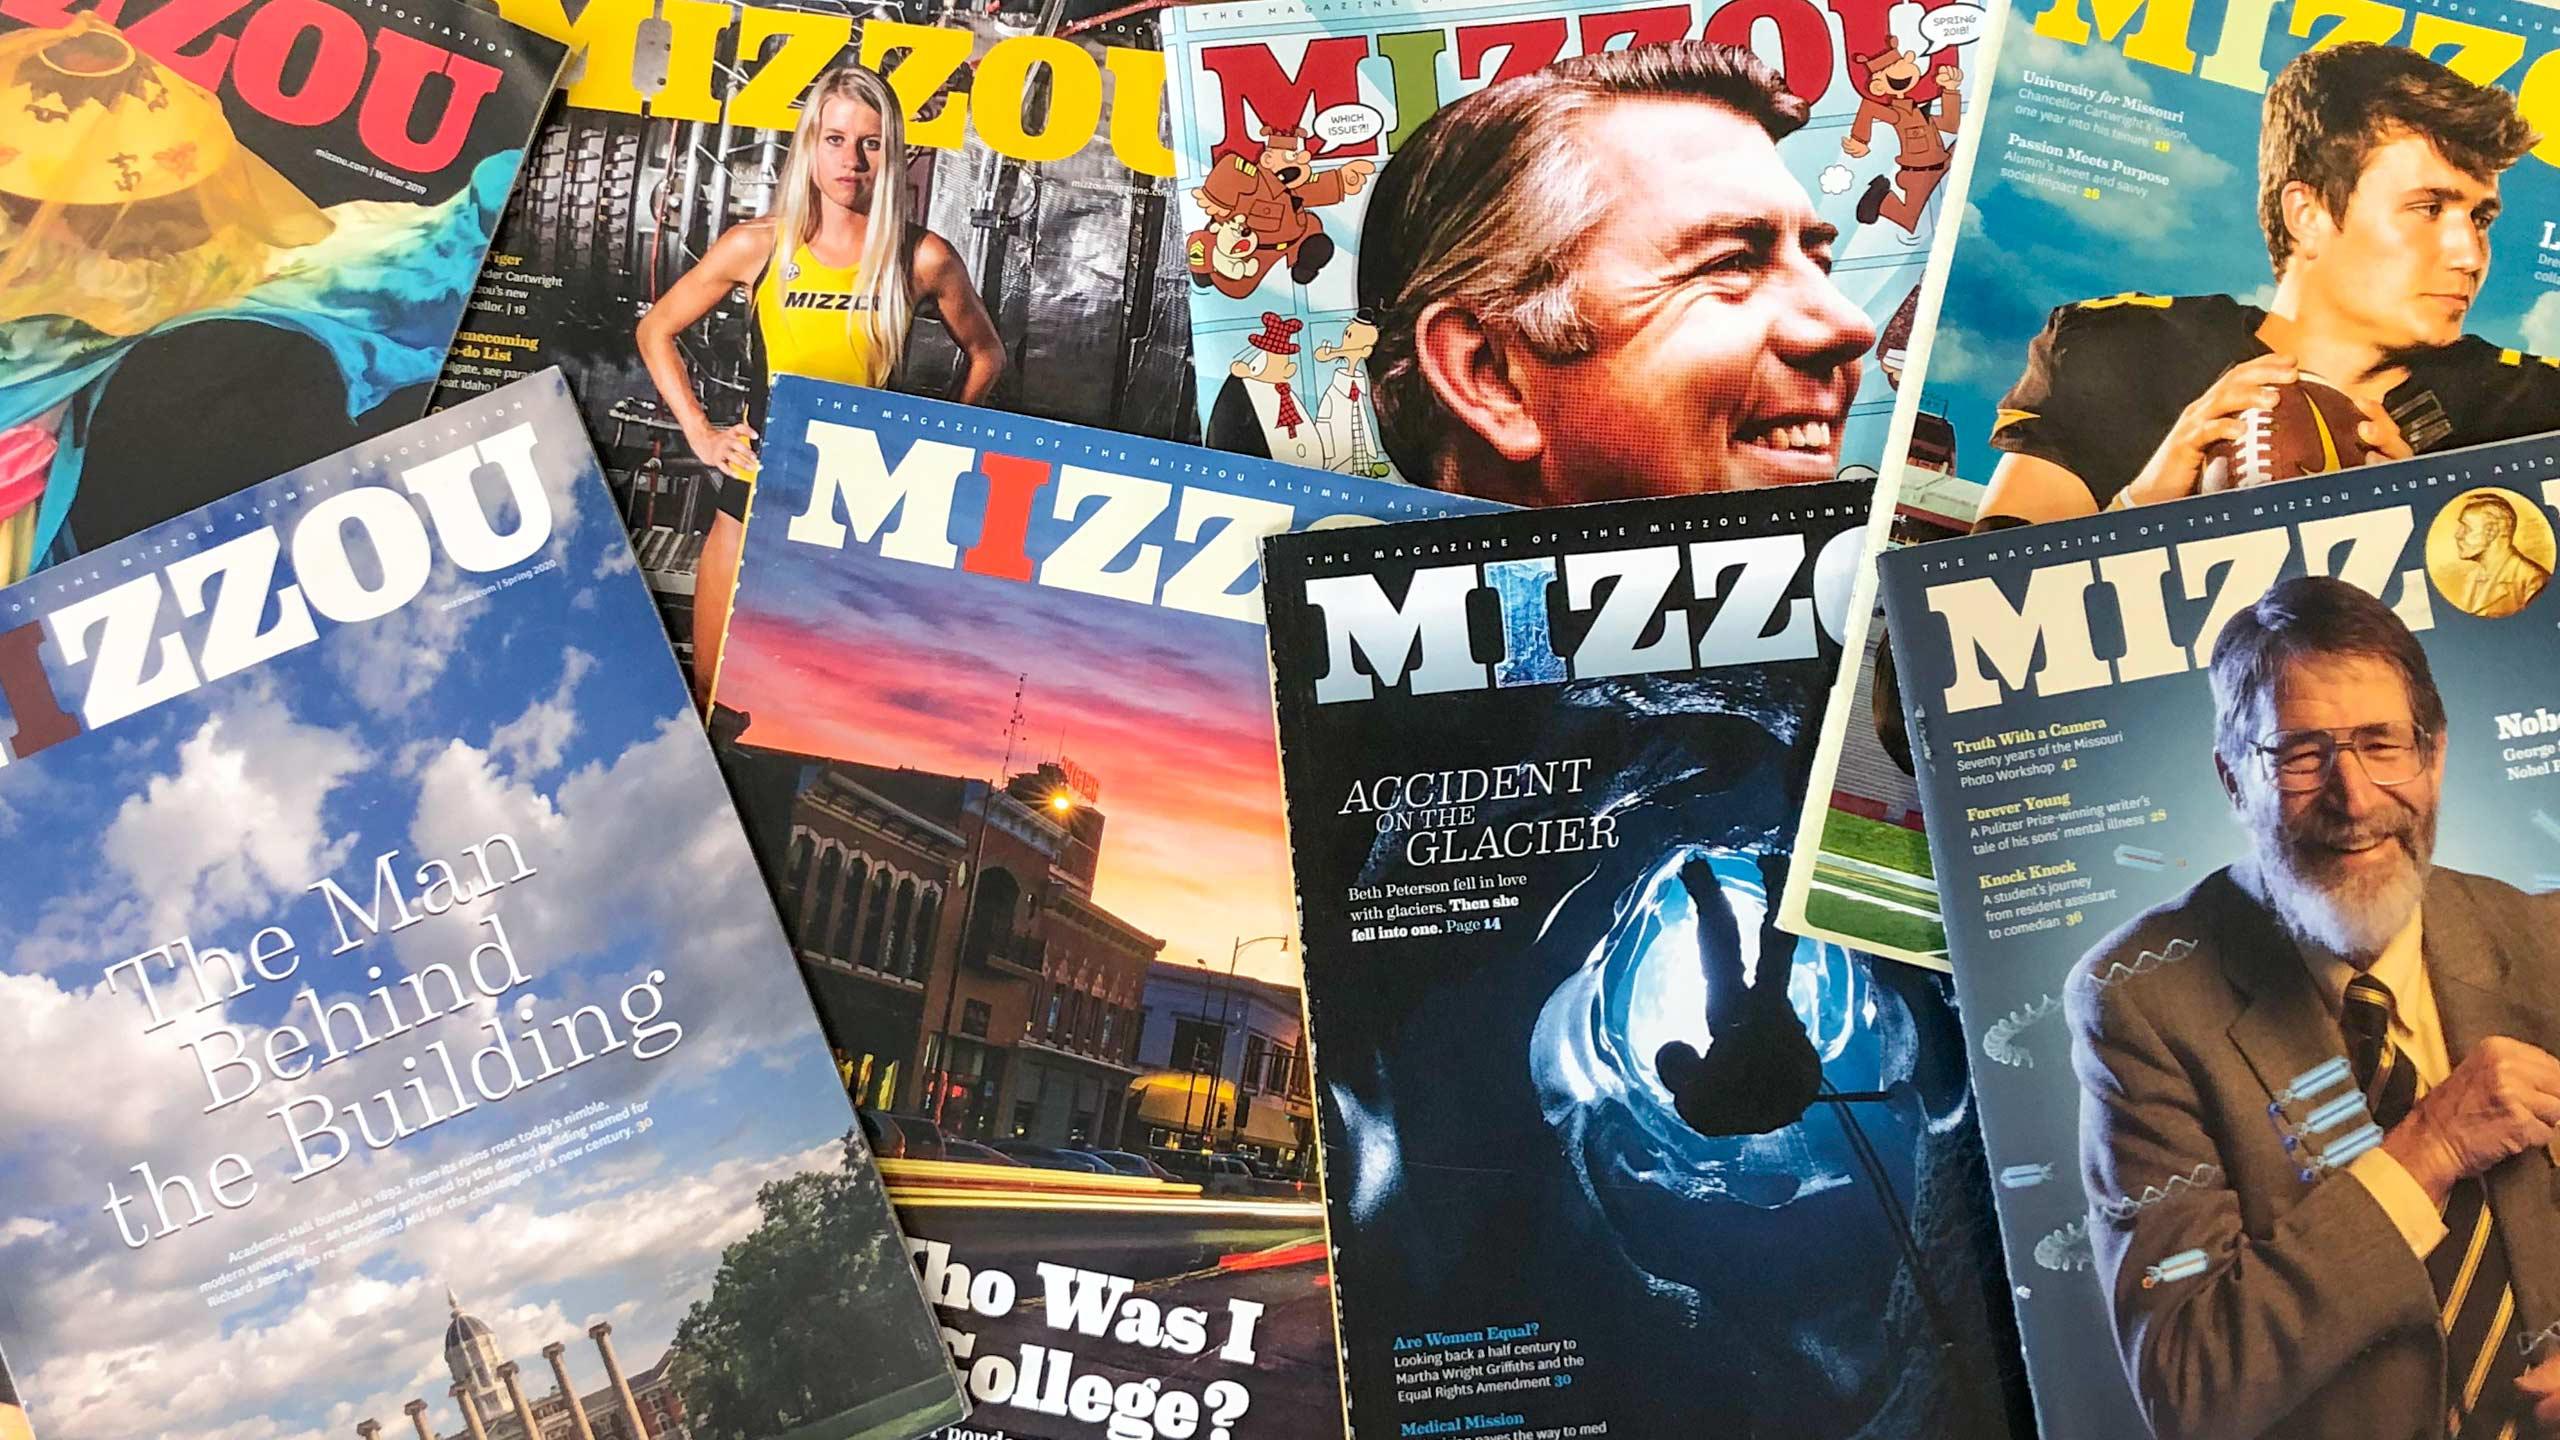 MIZZOU magazines on a table